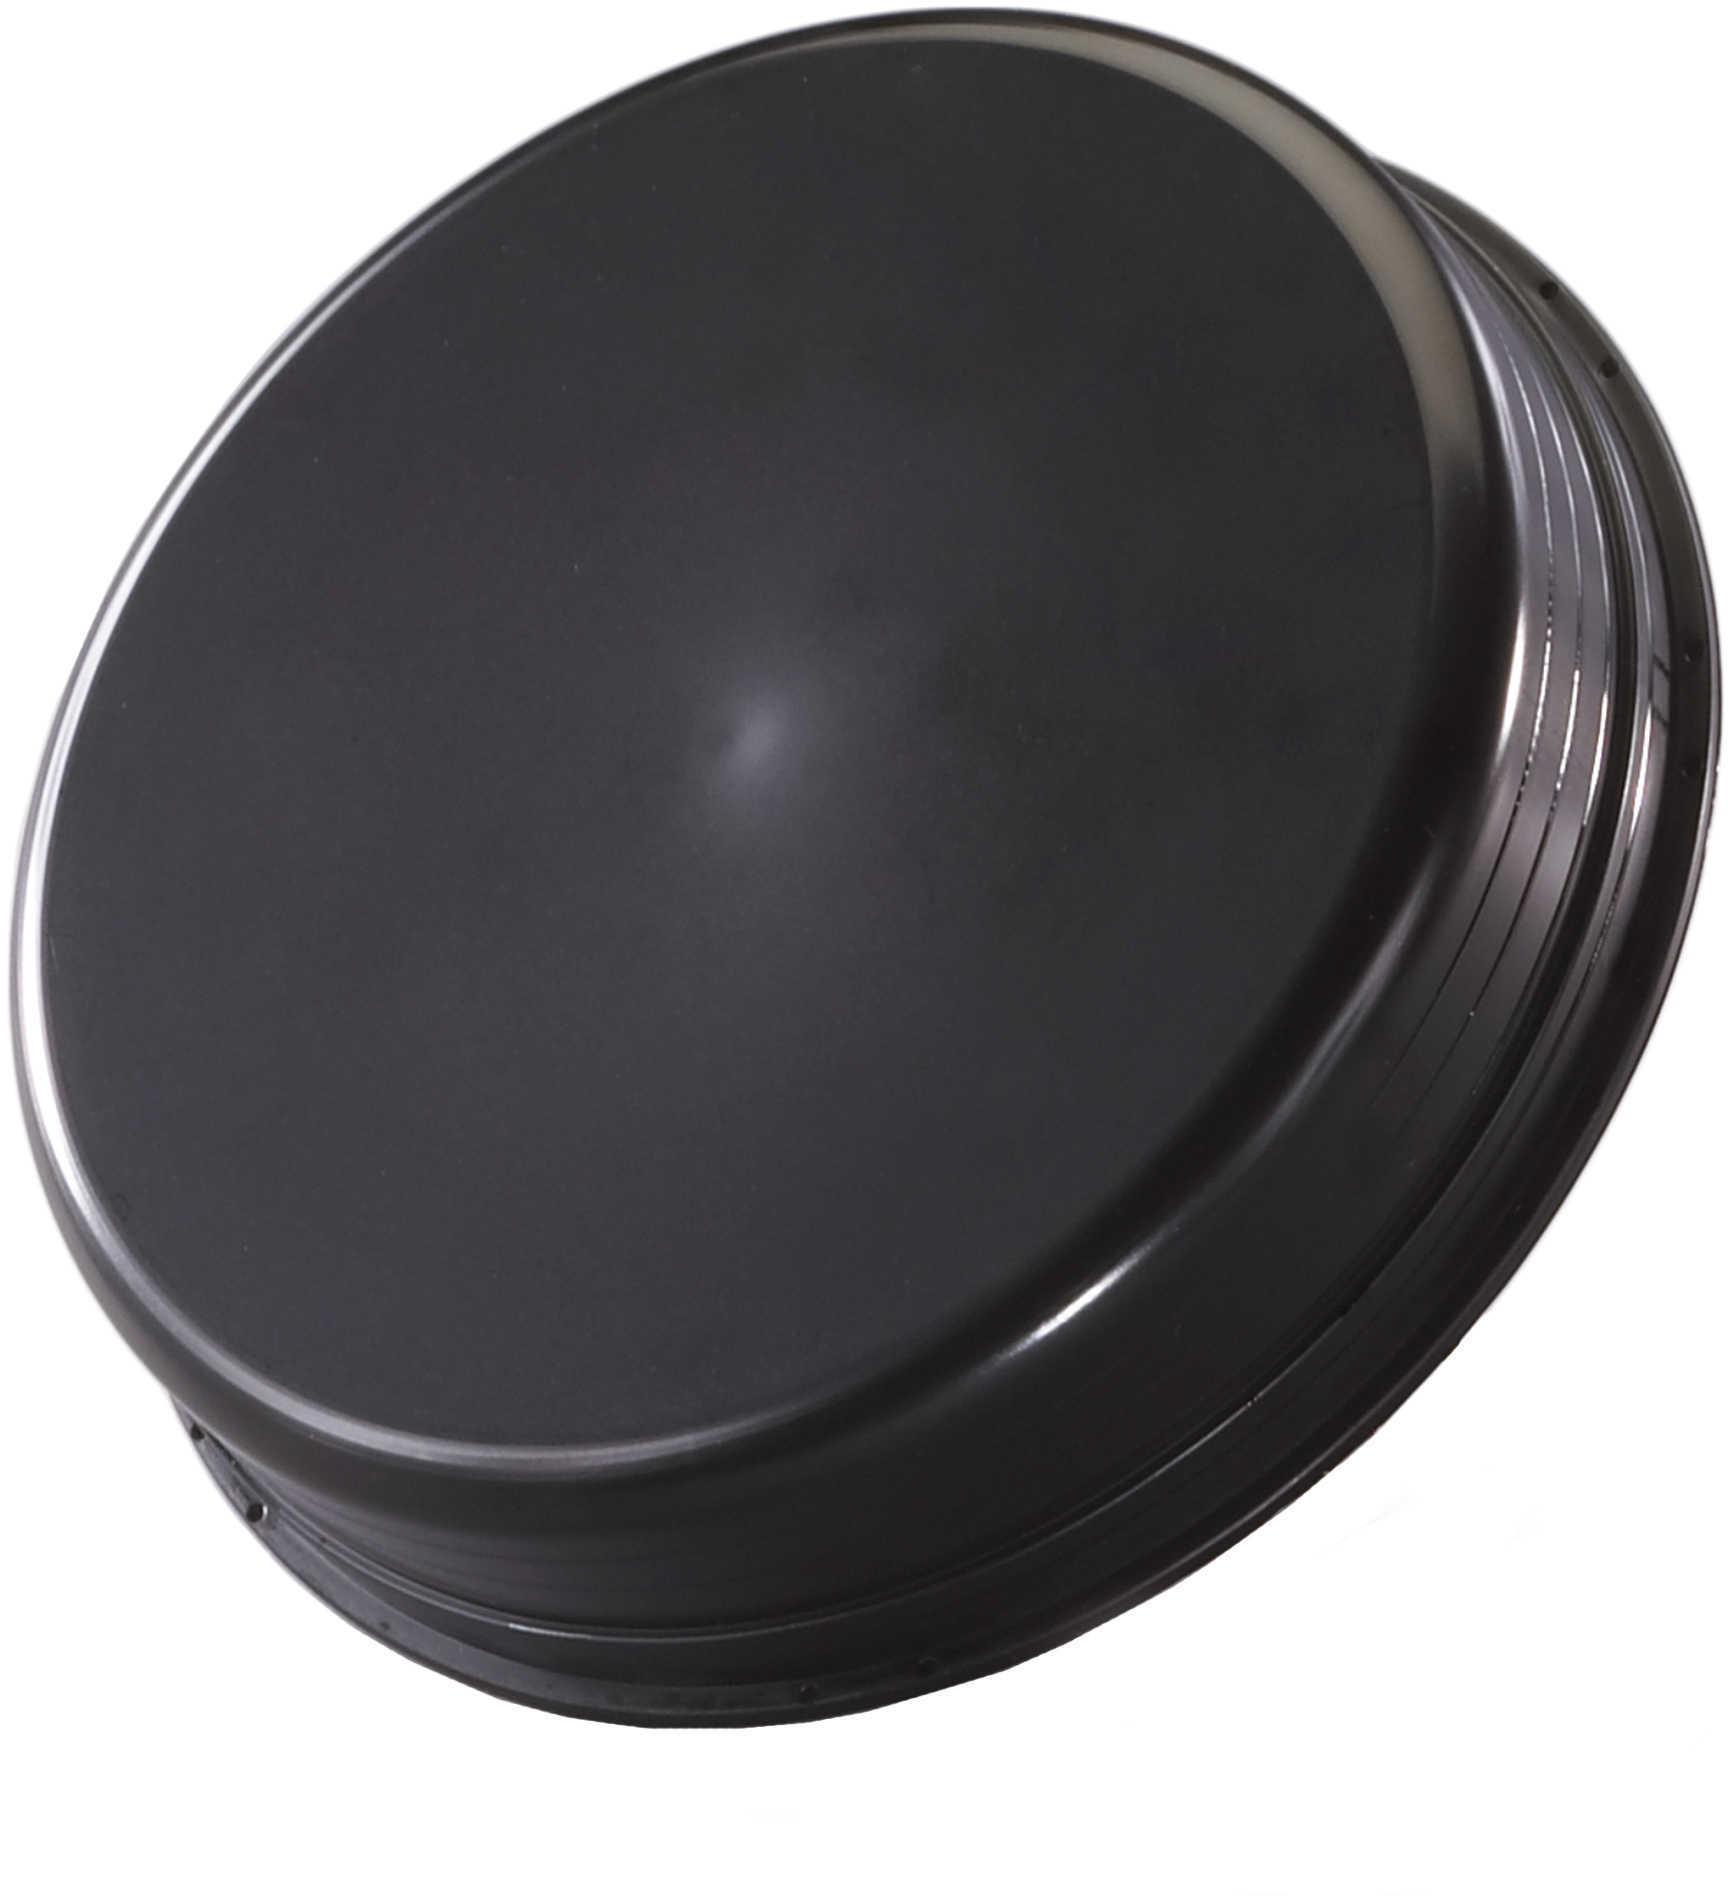 Streamlight Hid IR Filter Md: 45654